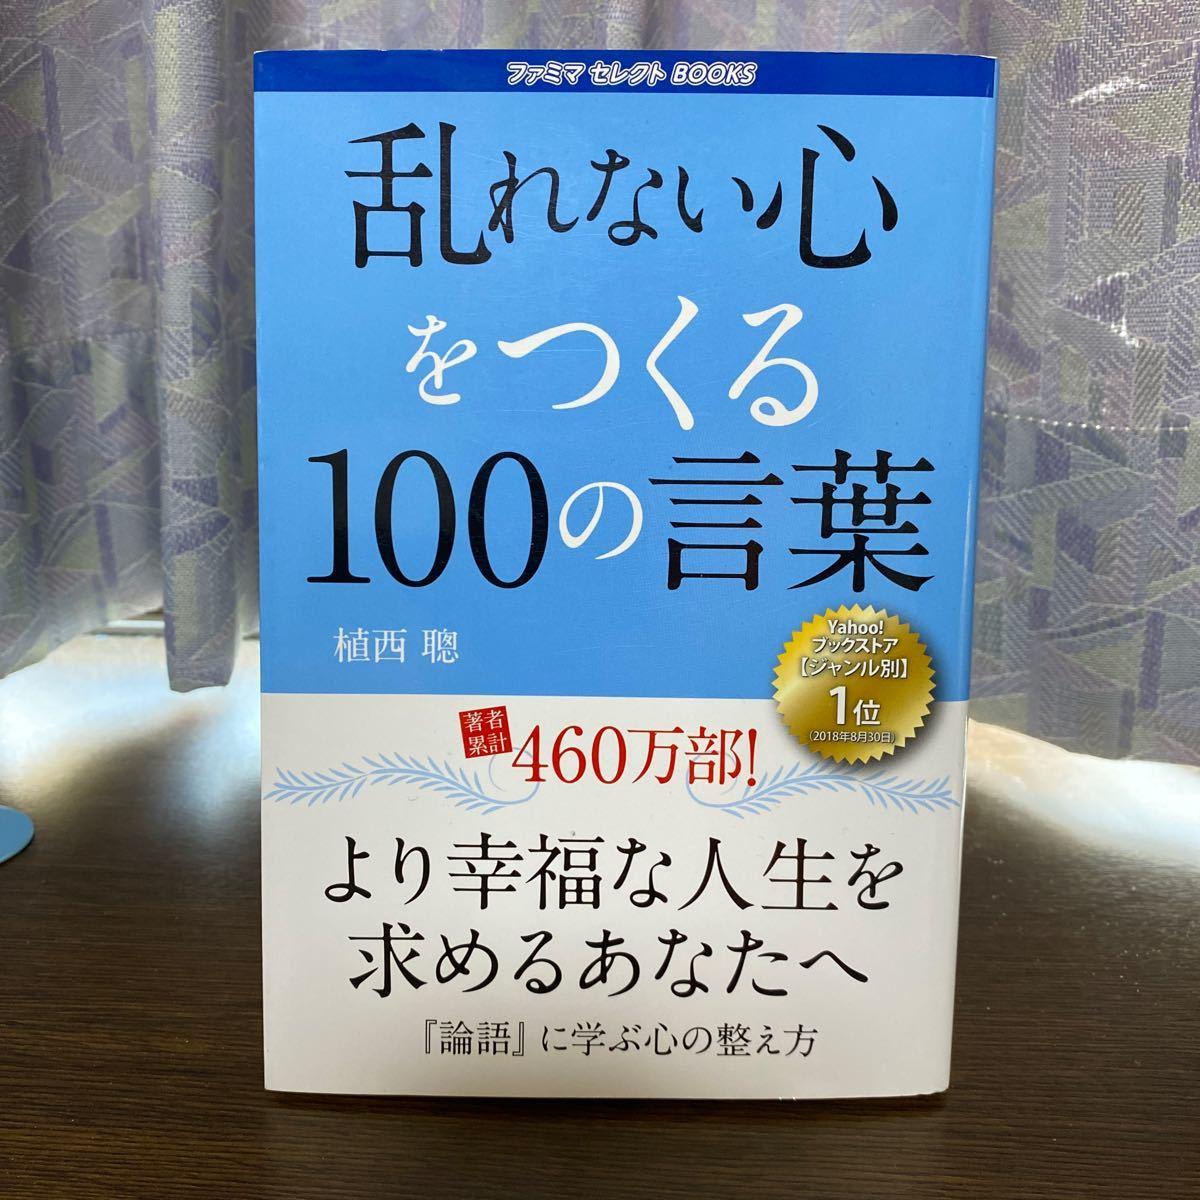 乱れない心をつくる100の言葉 (ペーパーバック) 植西聰 (著者)